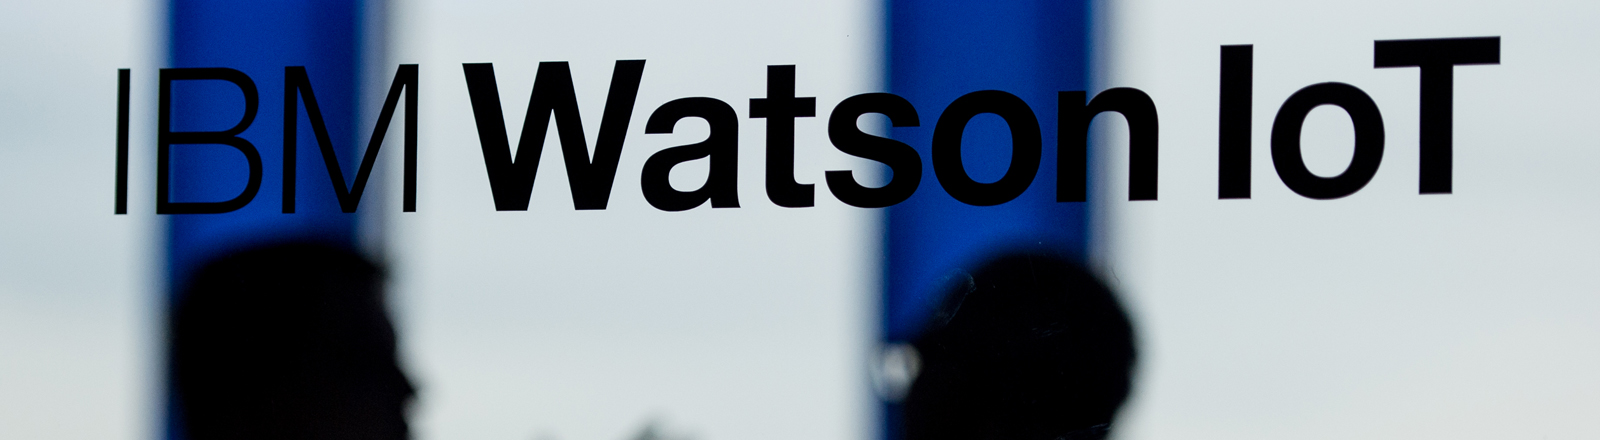 """Der Schriftzug """"IBM Watson IoT"""" ist am 15.12.2015 an einer Glasscheibe in den Räumen von IBM in den Highlight Towers in München (Bayern) zu sehen."""